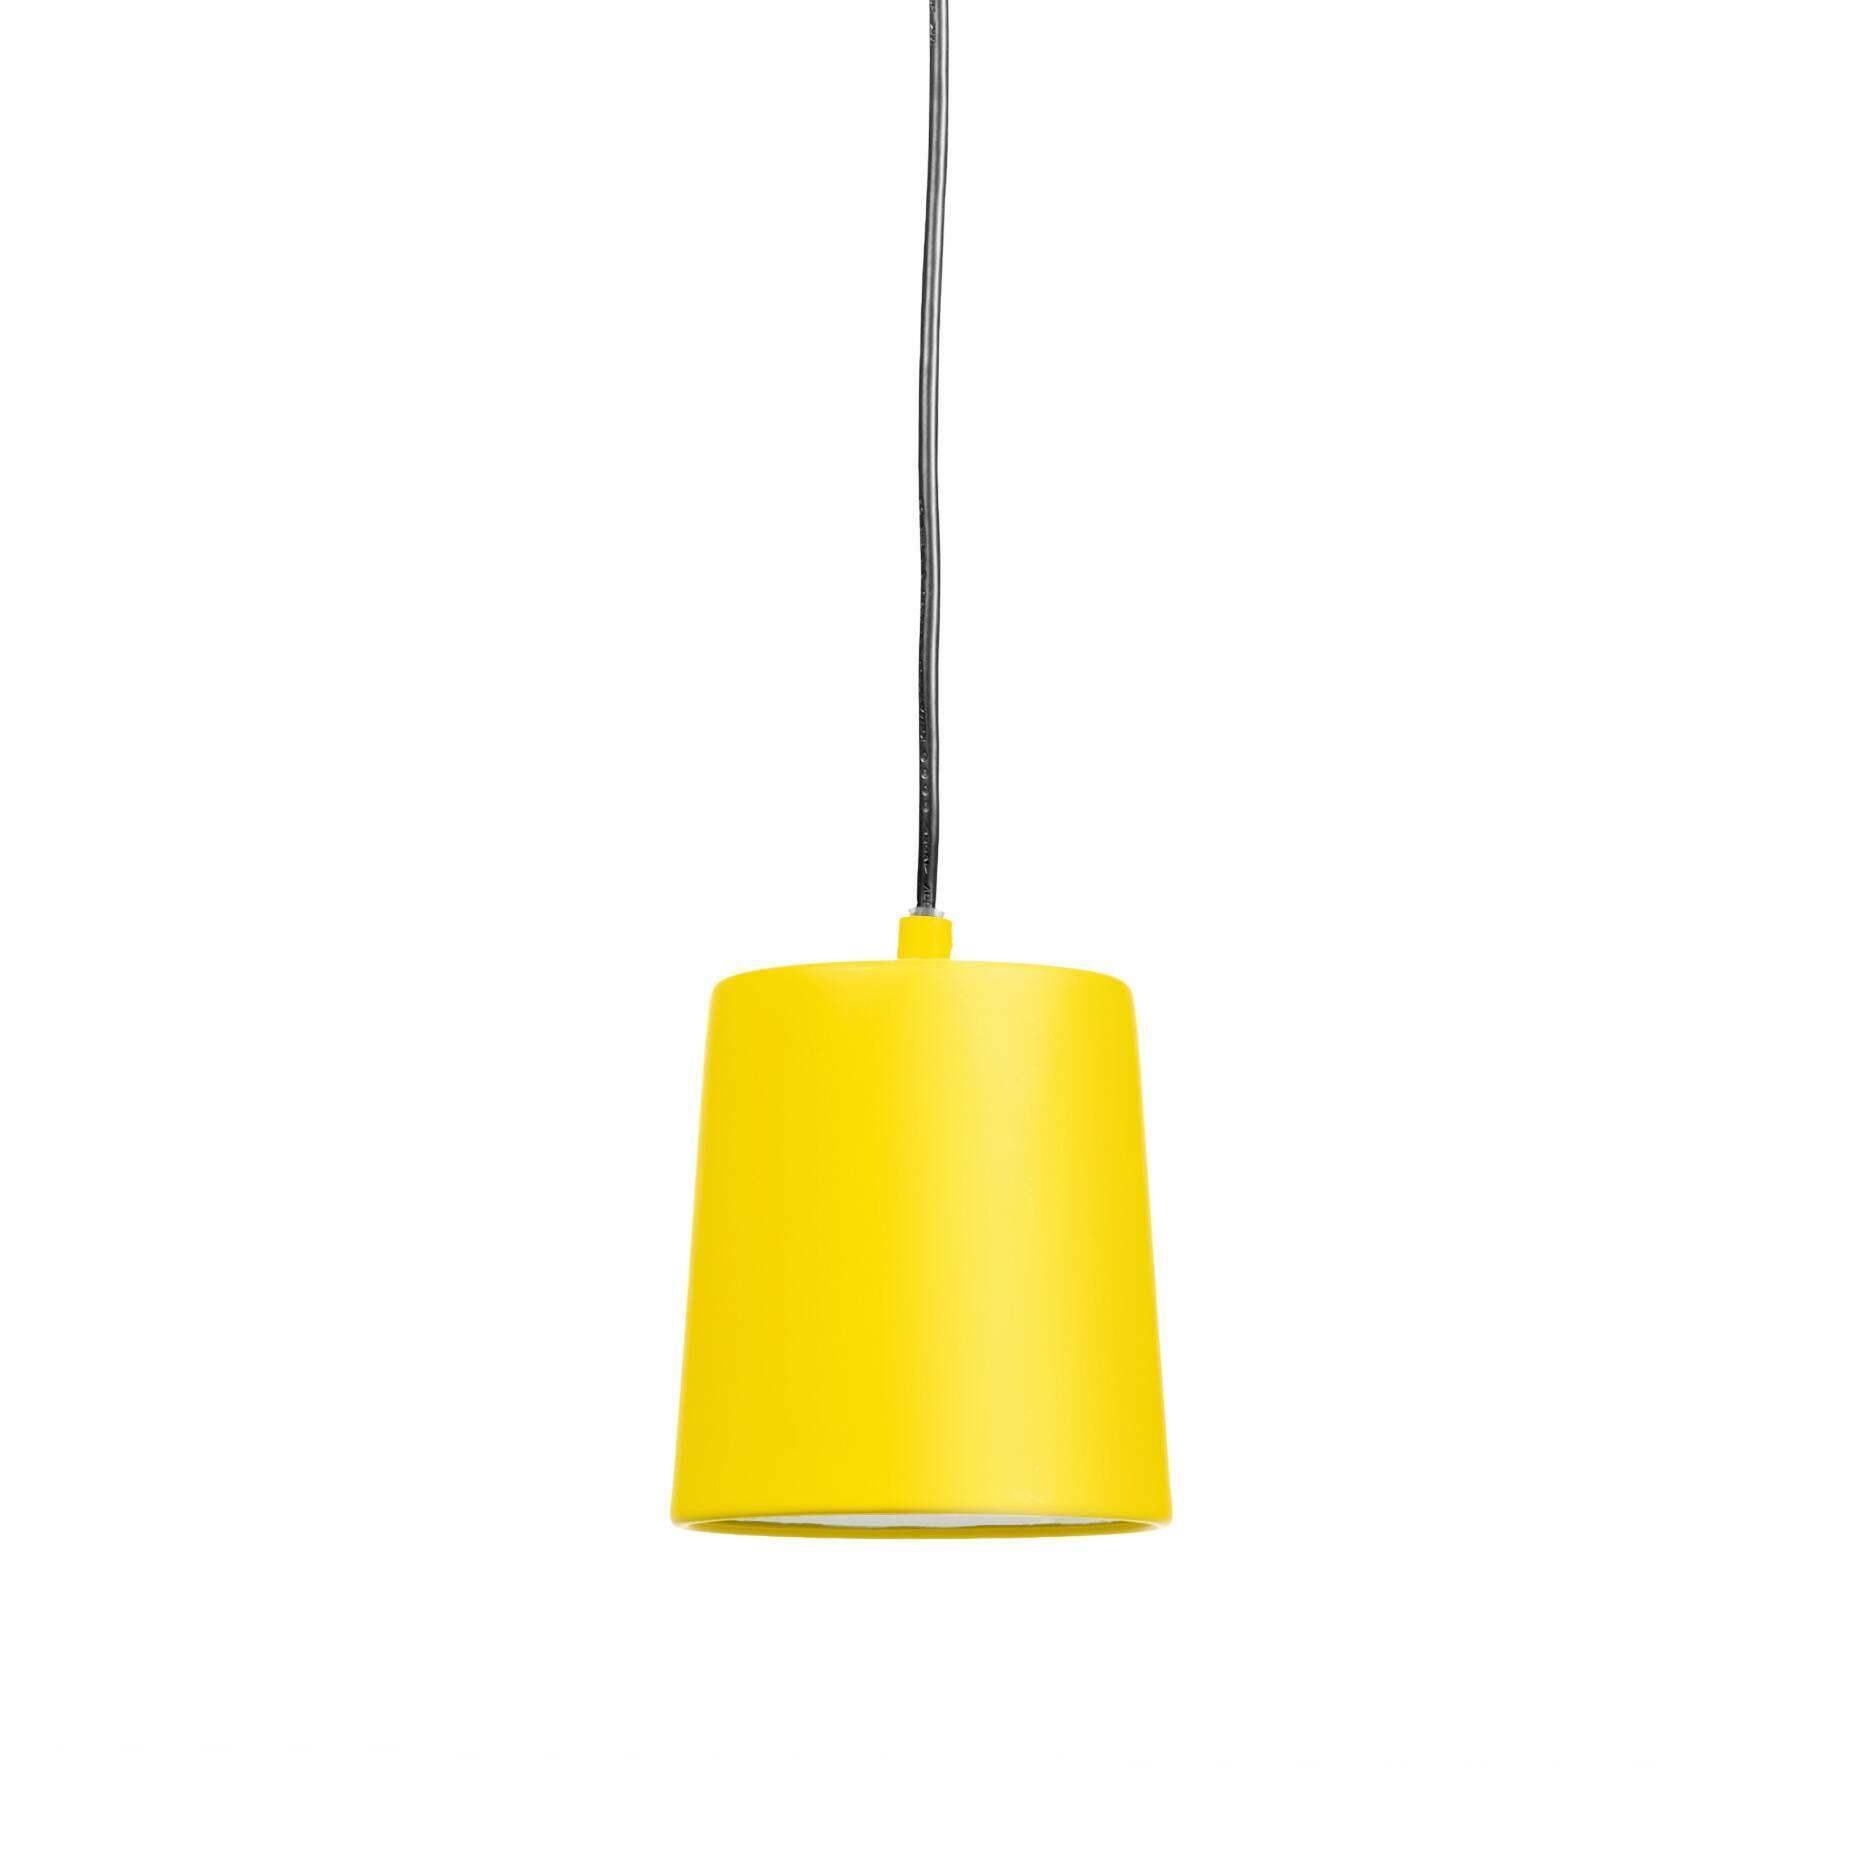 Подвесной светильник Hide диаметр 13Подвесные<br>Для всех пуристов и ревнителей минимализма создан подвесной светильник Hide диаметр 13<br>без лишних деталей и украшений. Однако подойдет он и тем, кому не хватает изюминки в интерьере благодаря позитивному ярко-желтому цвету абажура (в одной из вариаций). Для консерваторов есть черный и белый варианты. <br><br><br> Автор этой минималистичной и функциональной лампы из алюминия и металла — стокгольмец Томас Бернстранд, который продолжает традиции скандинавской школы с ее простотой и удобство...<br><br>stock: 0<br>Высота: 120<br>Диаметр: 13<br>Количество ламп: 1<br>Материал абажура: Алюминий<br>Материал арматуры: Металл<br>Мощность лампы: 40<br>Ламп в комплекте: Нет<br>Напряжение: 220<br>Тип лампы/цоколь: E14<br>Цвет абажура: Желтый